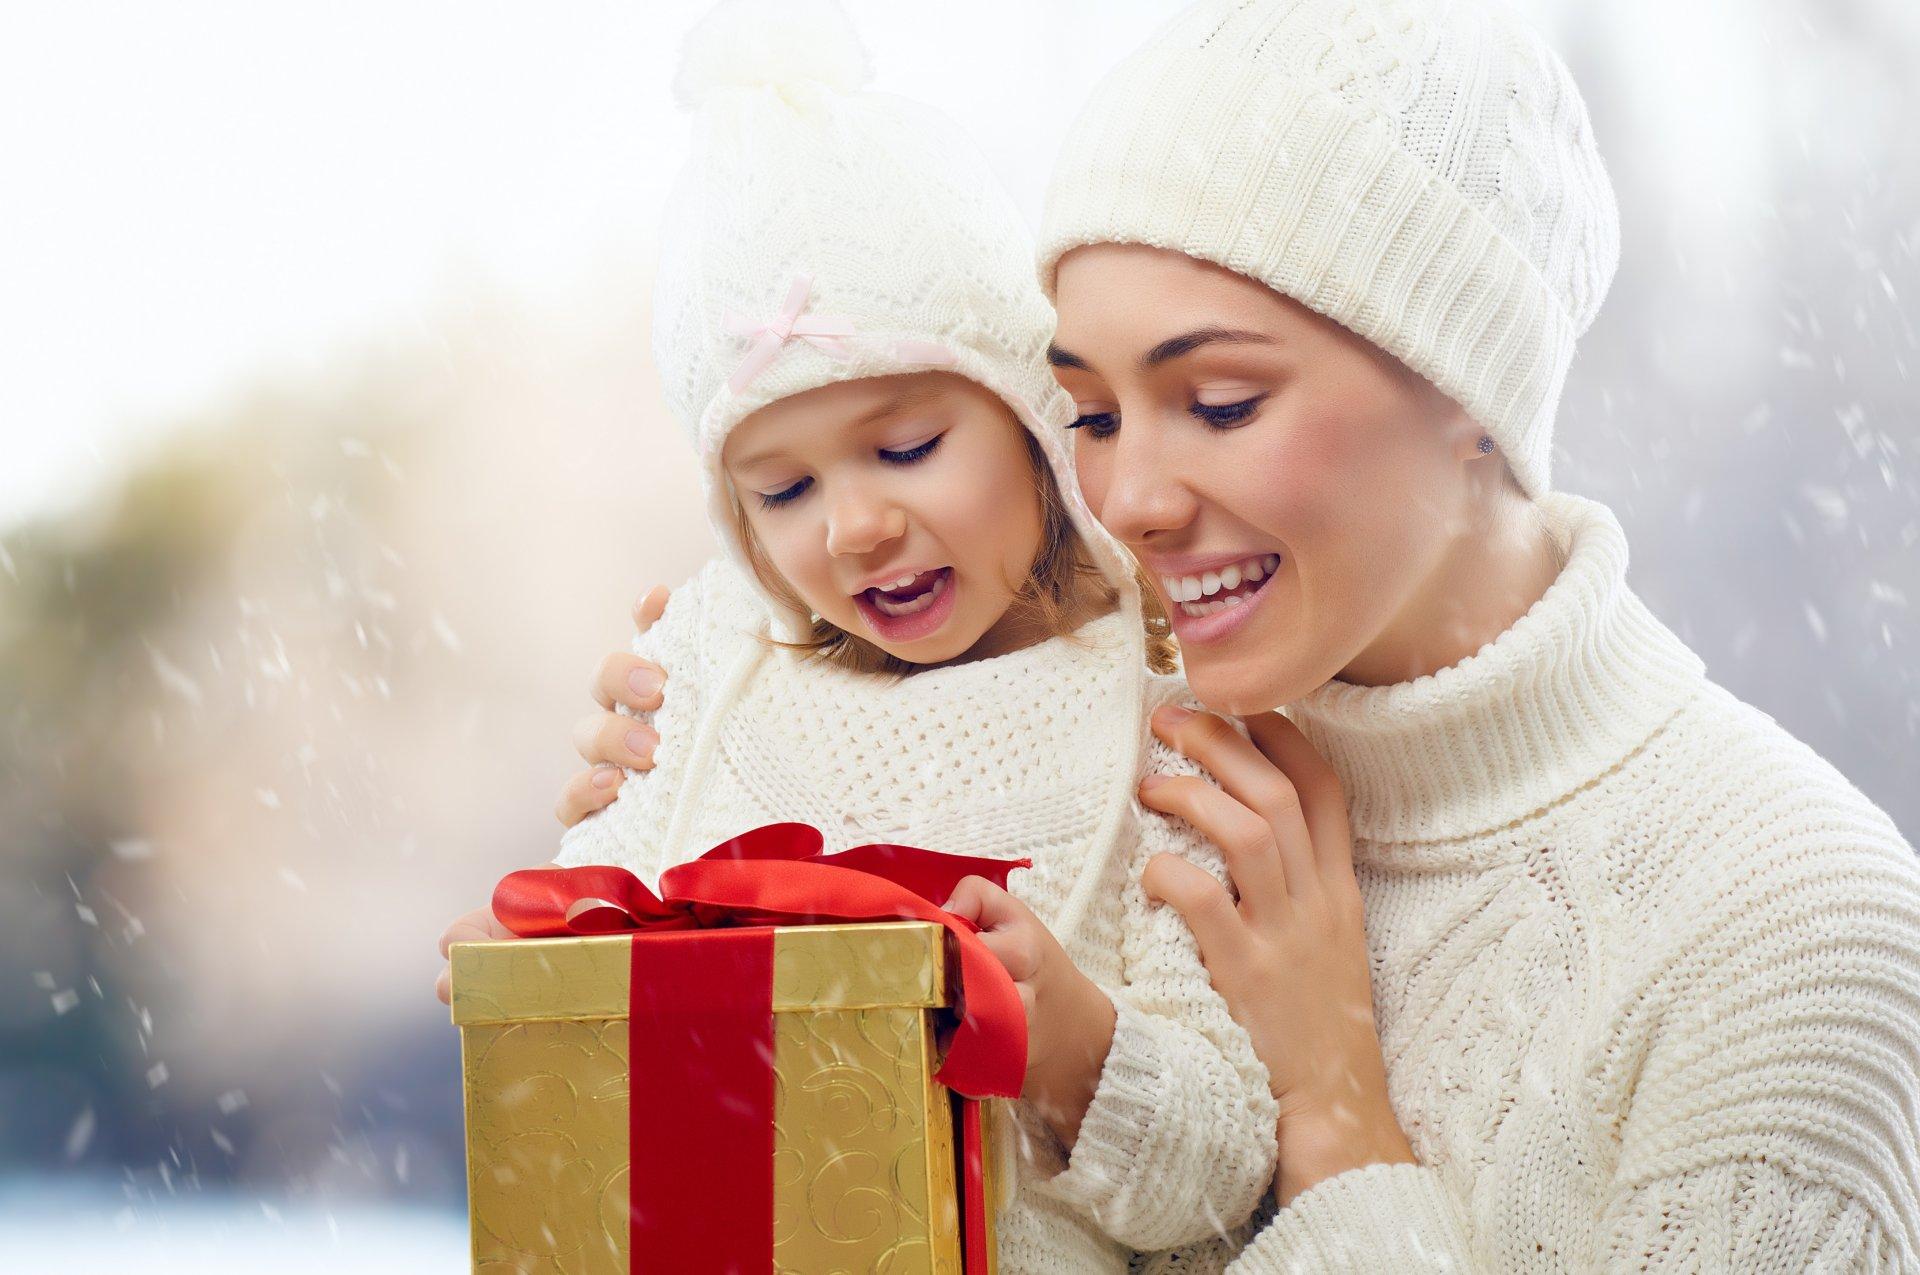 Картинки, новогодние картинки для мамы на новый год